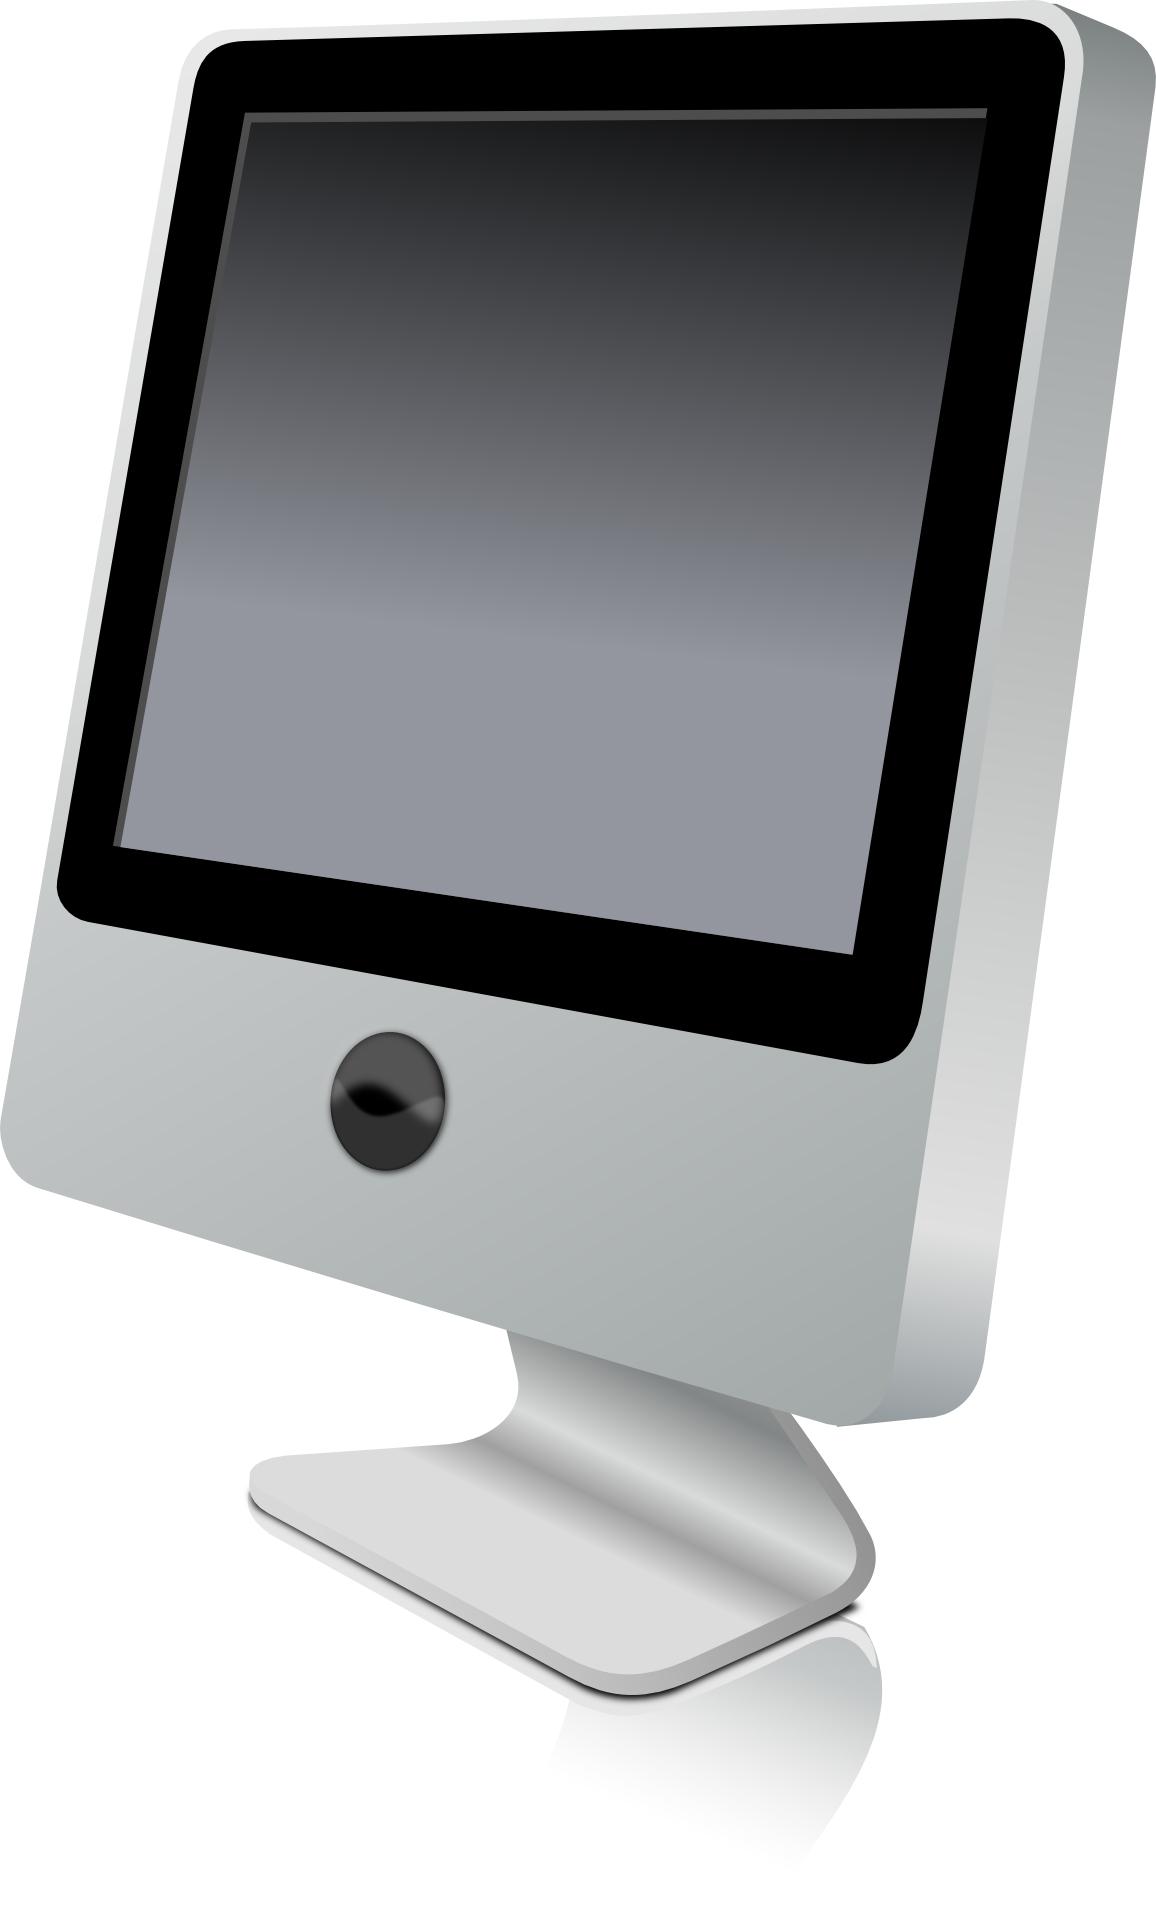 Silver computer moitor,LCD Screen vector